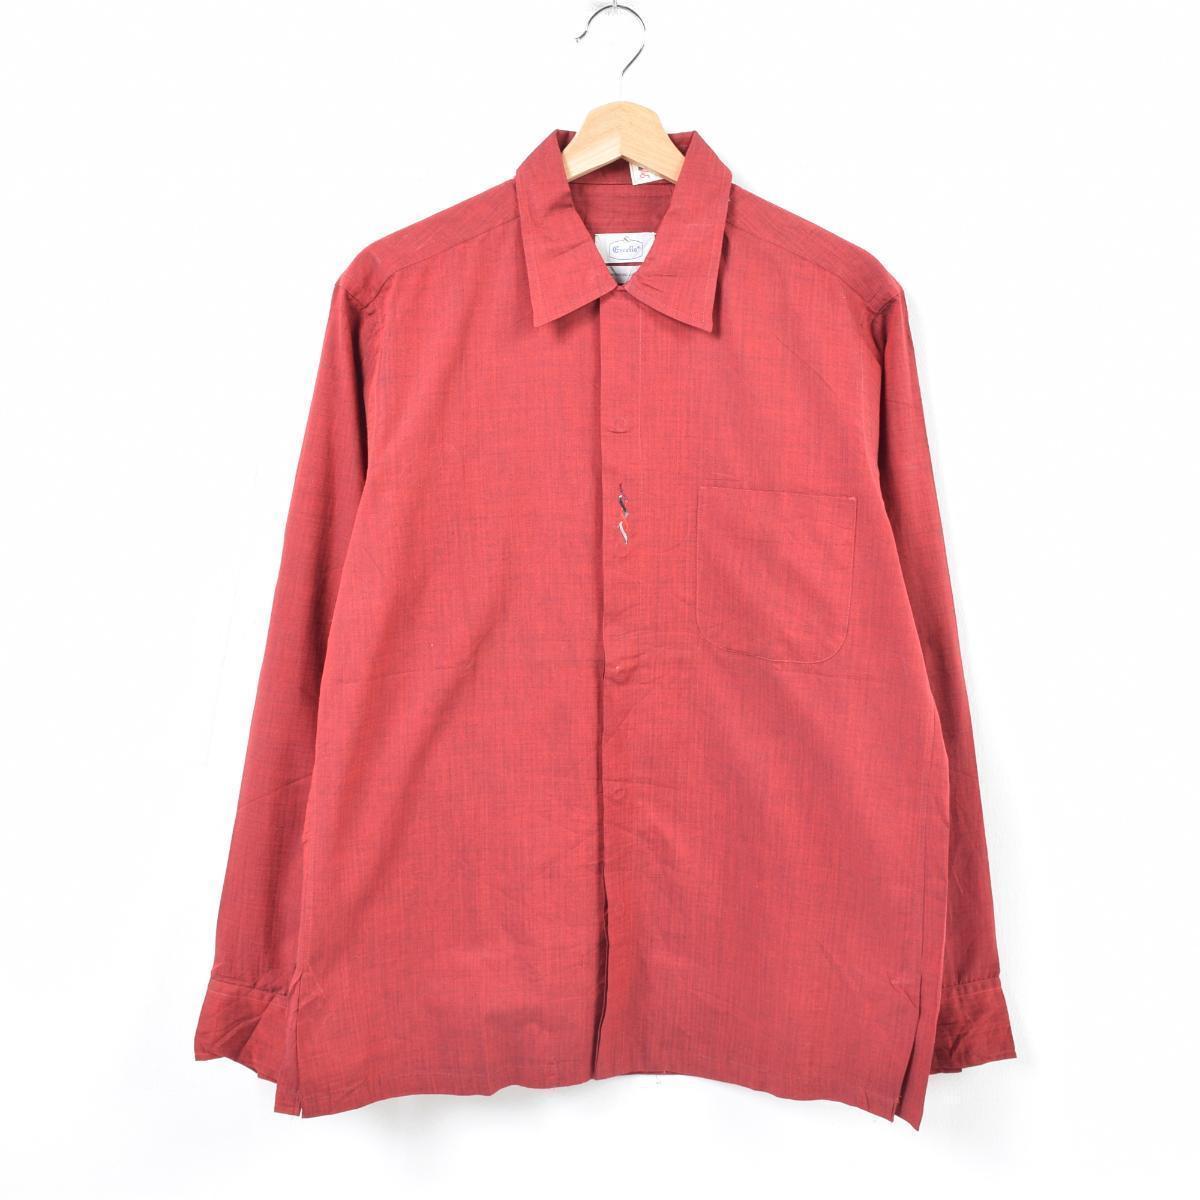 デッドストック DEADSTOCK 50~60年代 EXCELLO 半袖 オープンカラー ボックスシャツ メンズM ヴィンテージ /was1694 【中古】【古着屋JAM】【n1807】 【180618】